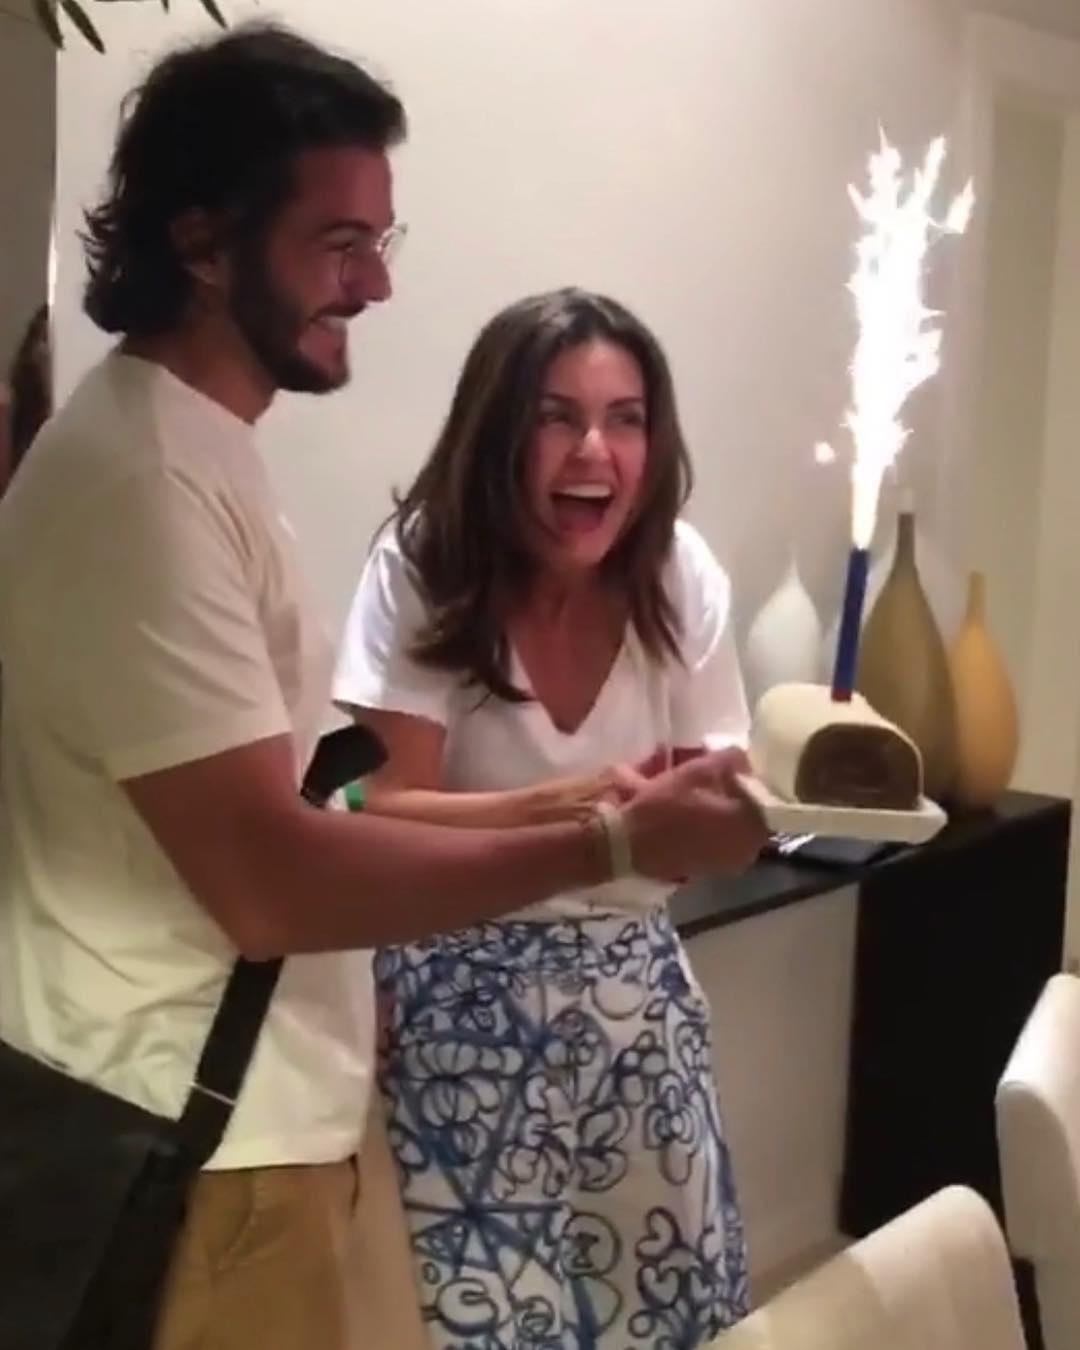 0f207a355d16a Fátima Bernardes ganha festa surpresa do namorado na véspera de aniversário  - 16 09 2018 - UOL TV e Famosos